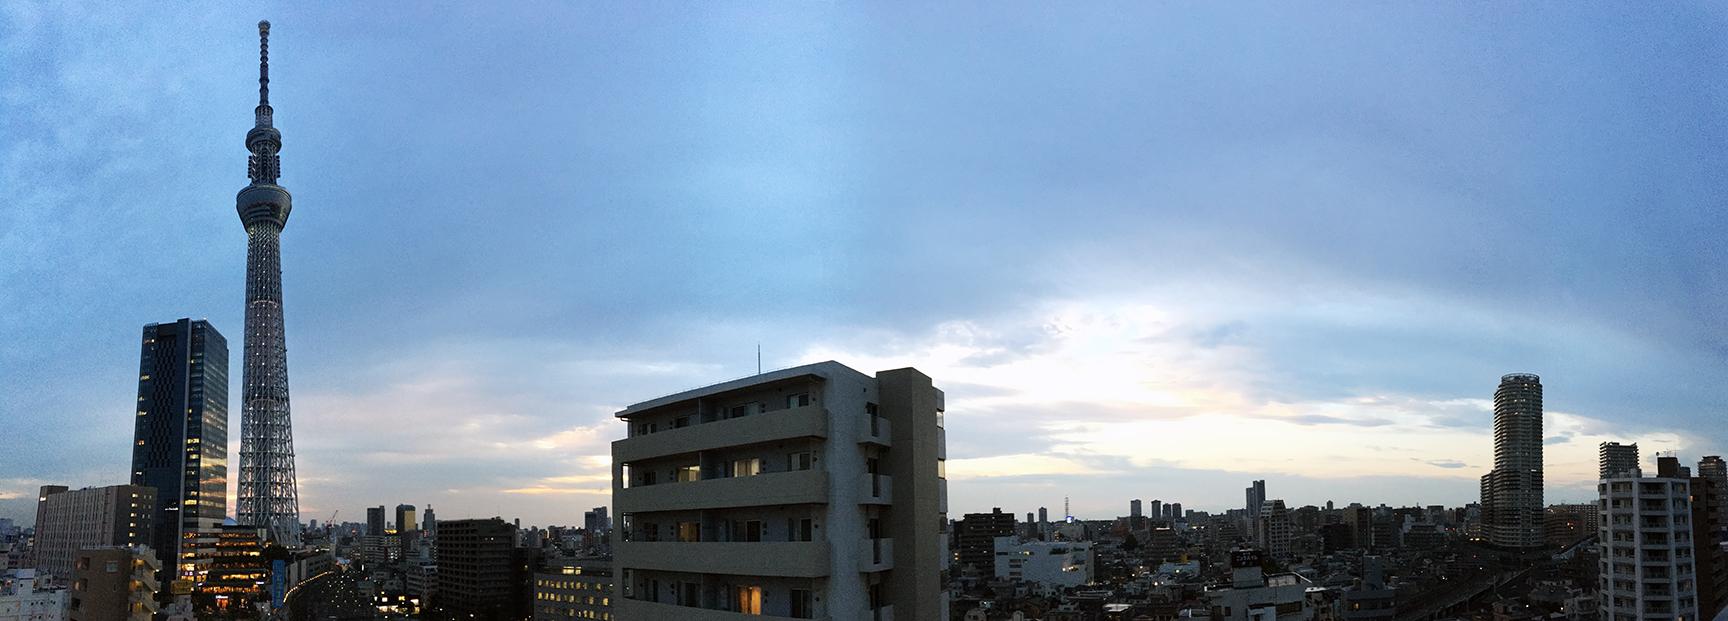 ONE@Tokyo Hotel Rooftop View.jpg